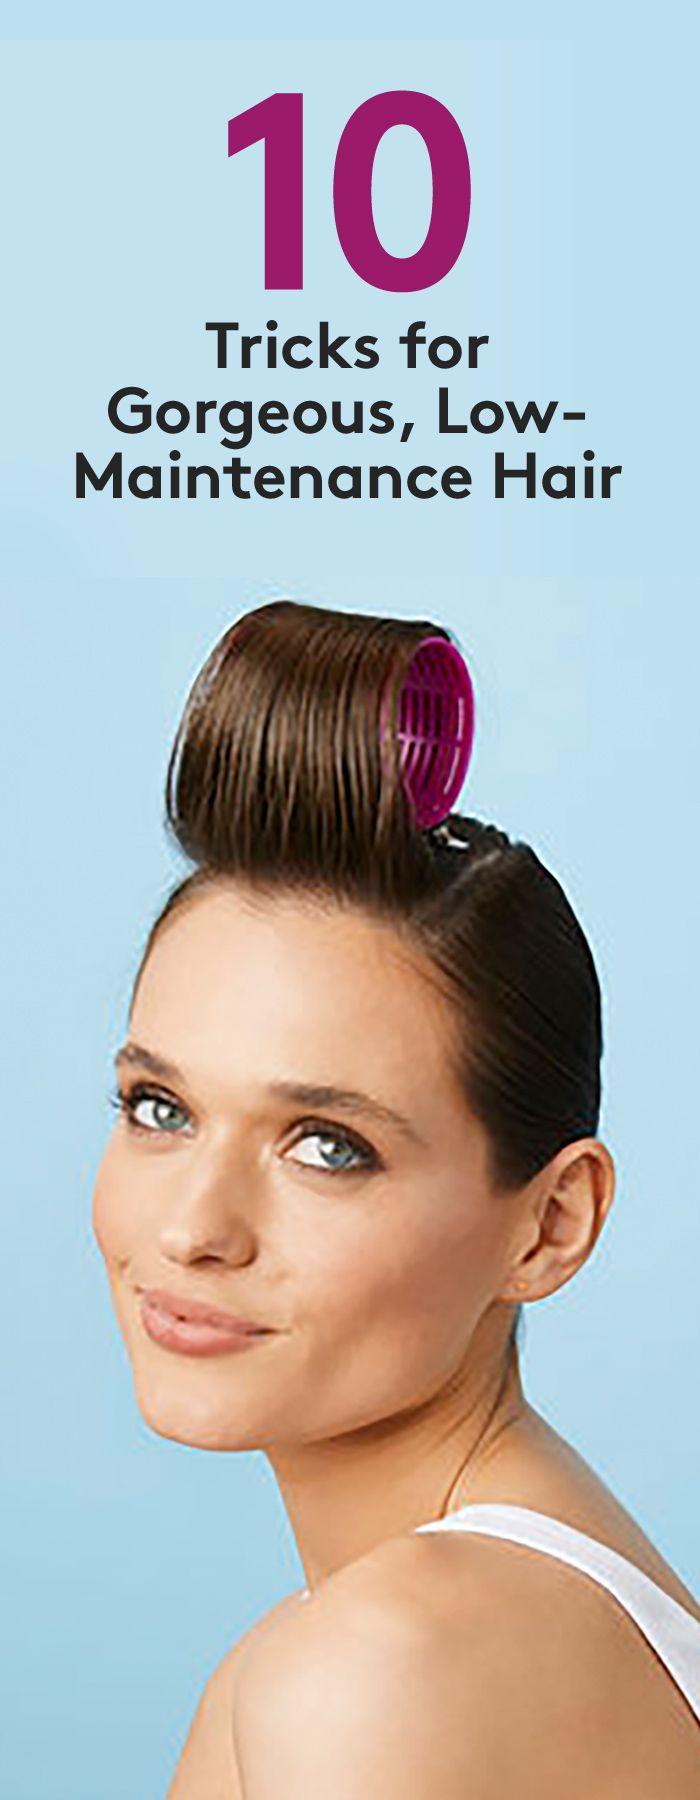 Low-Maintenance Hair Tricks   Low maintenance hair, Hair ...